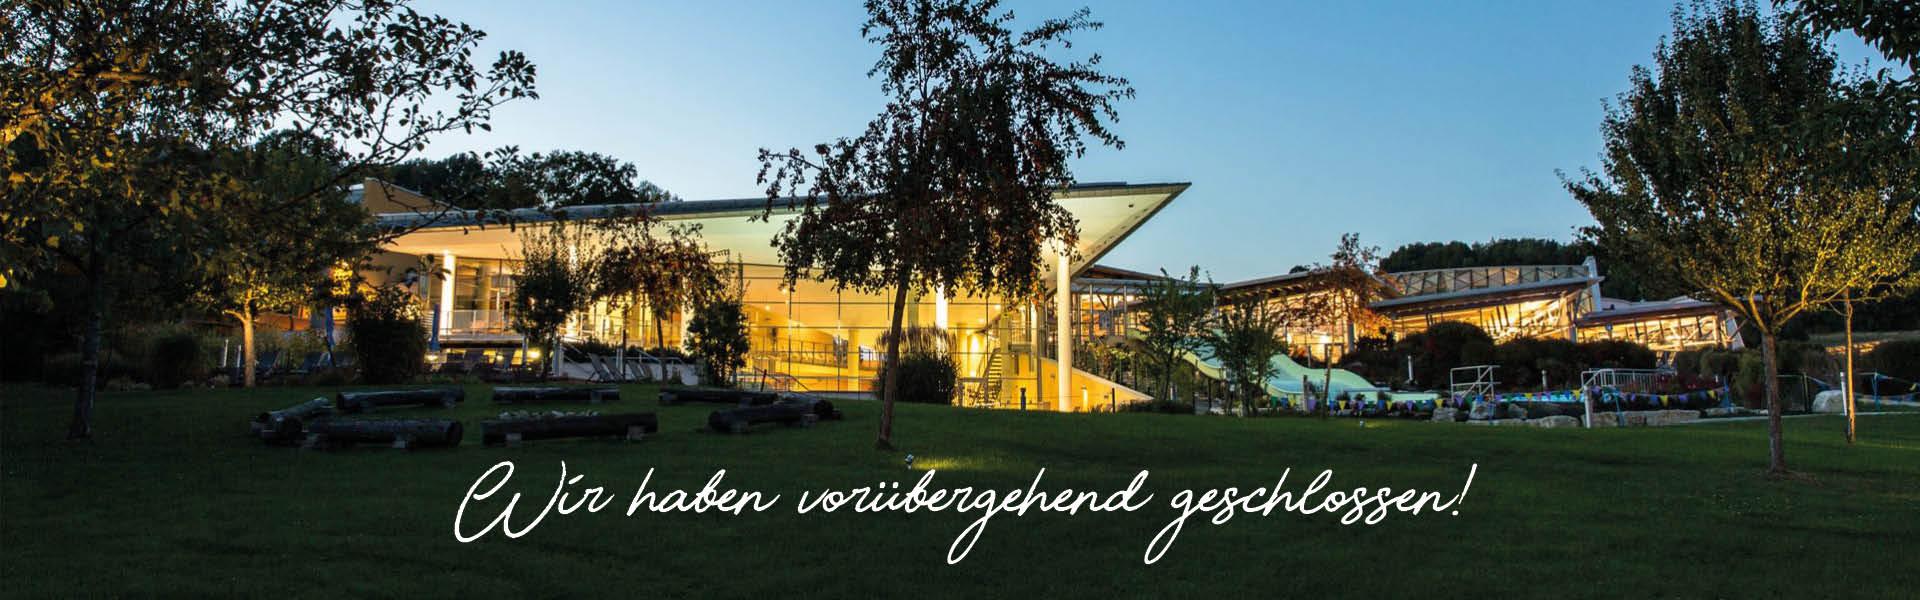 Therme Obernsees - Wir haben vorübergehend geschlossen